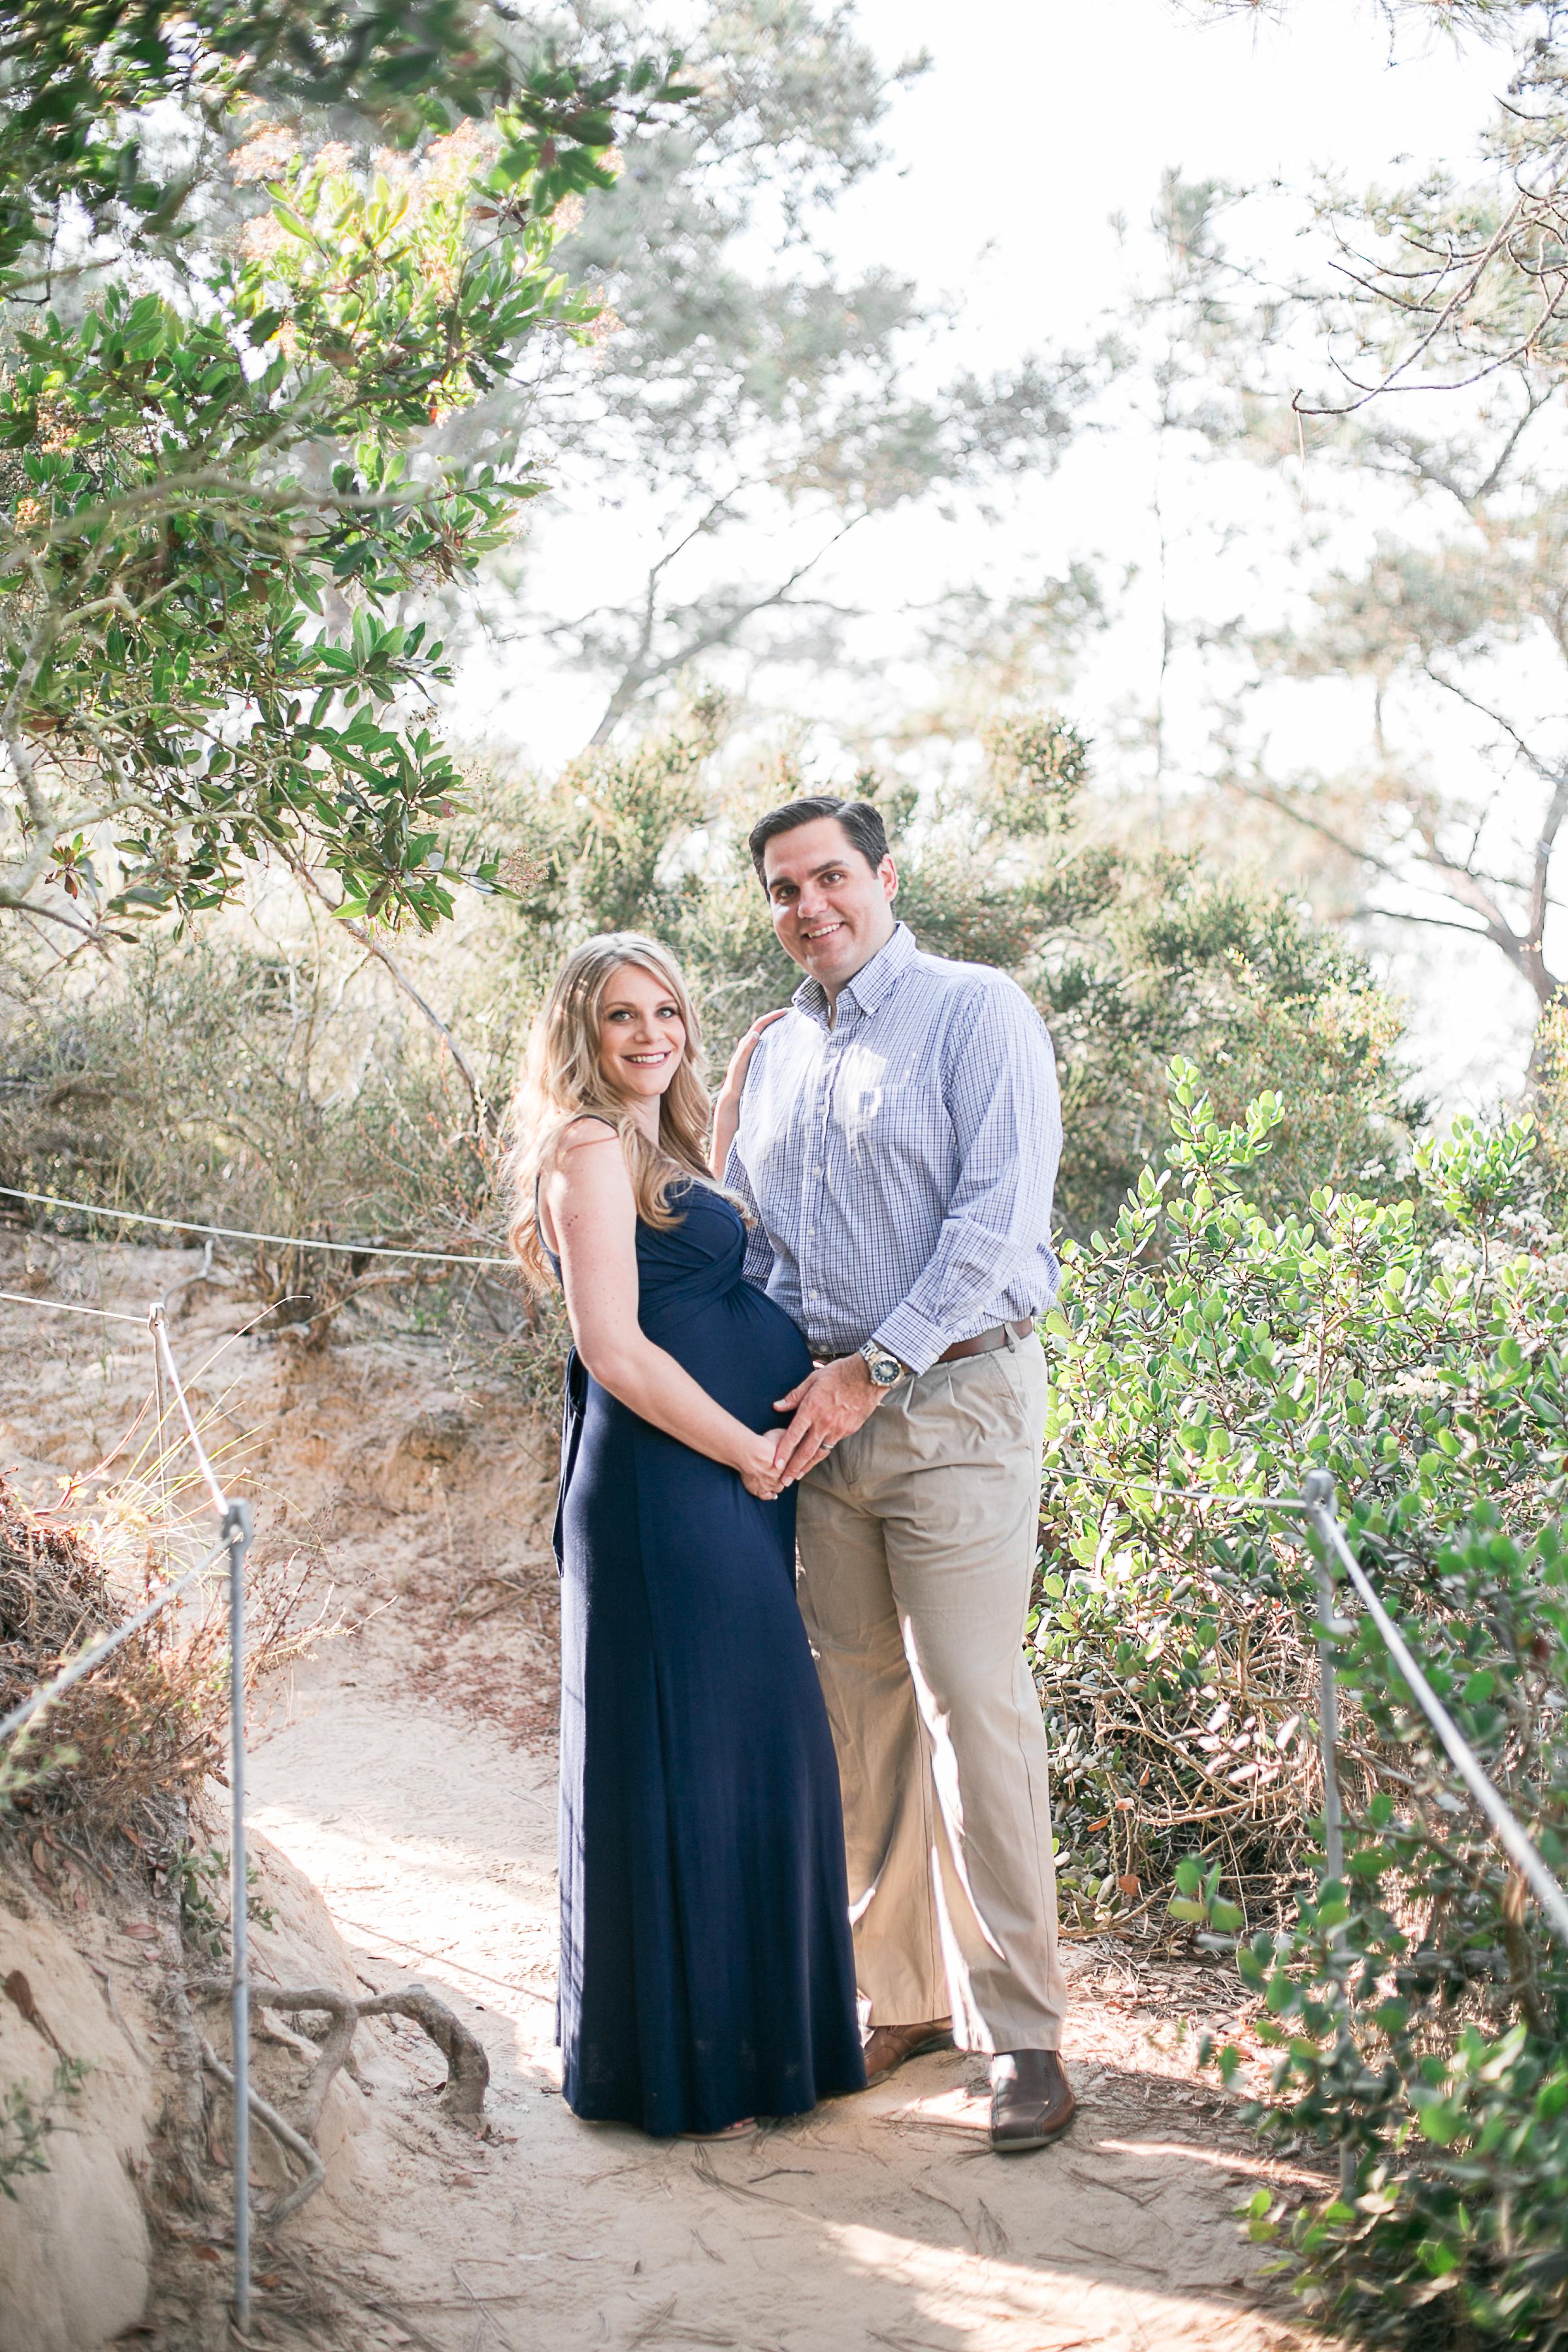 Shane_&_Shayna_Torrey_Pines Maternity_Session_2017-2.jpg